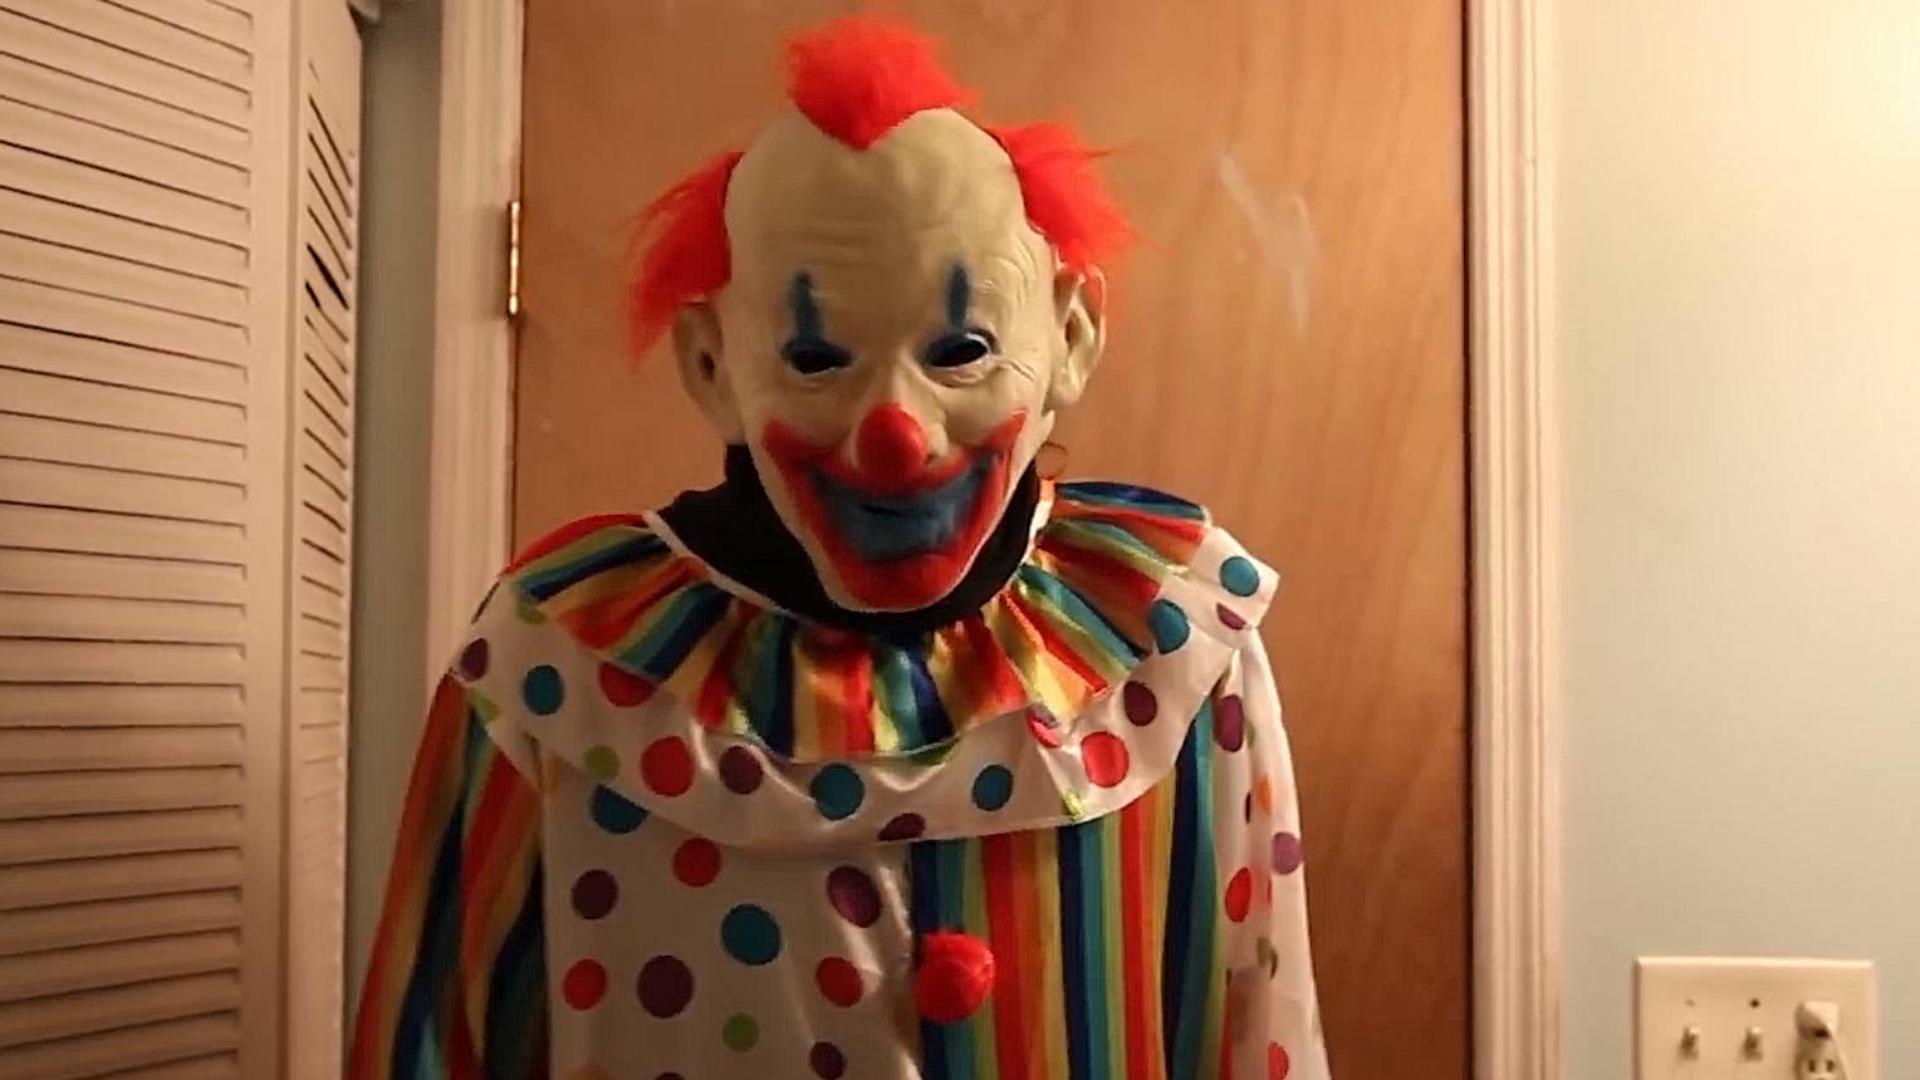 恐怖短片《充气小丑》